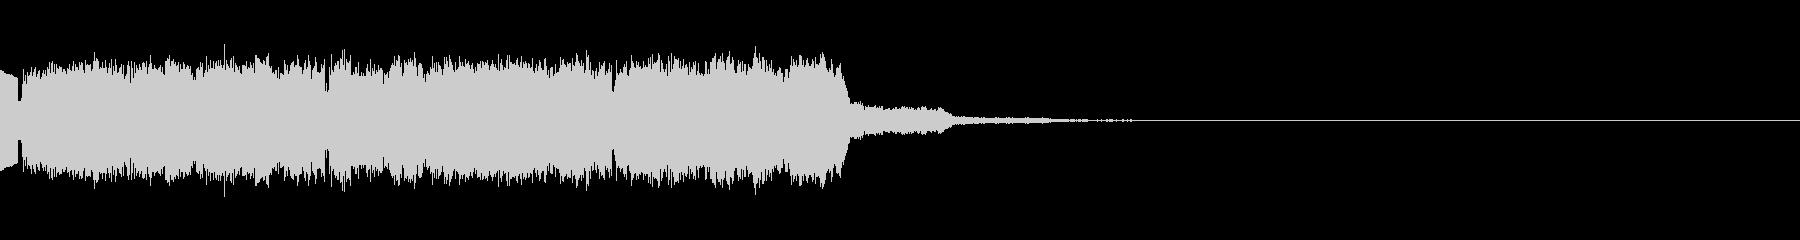 魔法詠唱音01(電子音)の未再生の波形